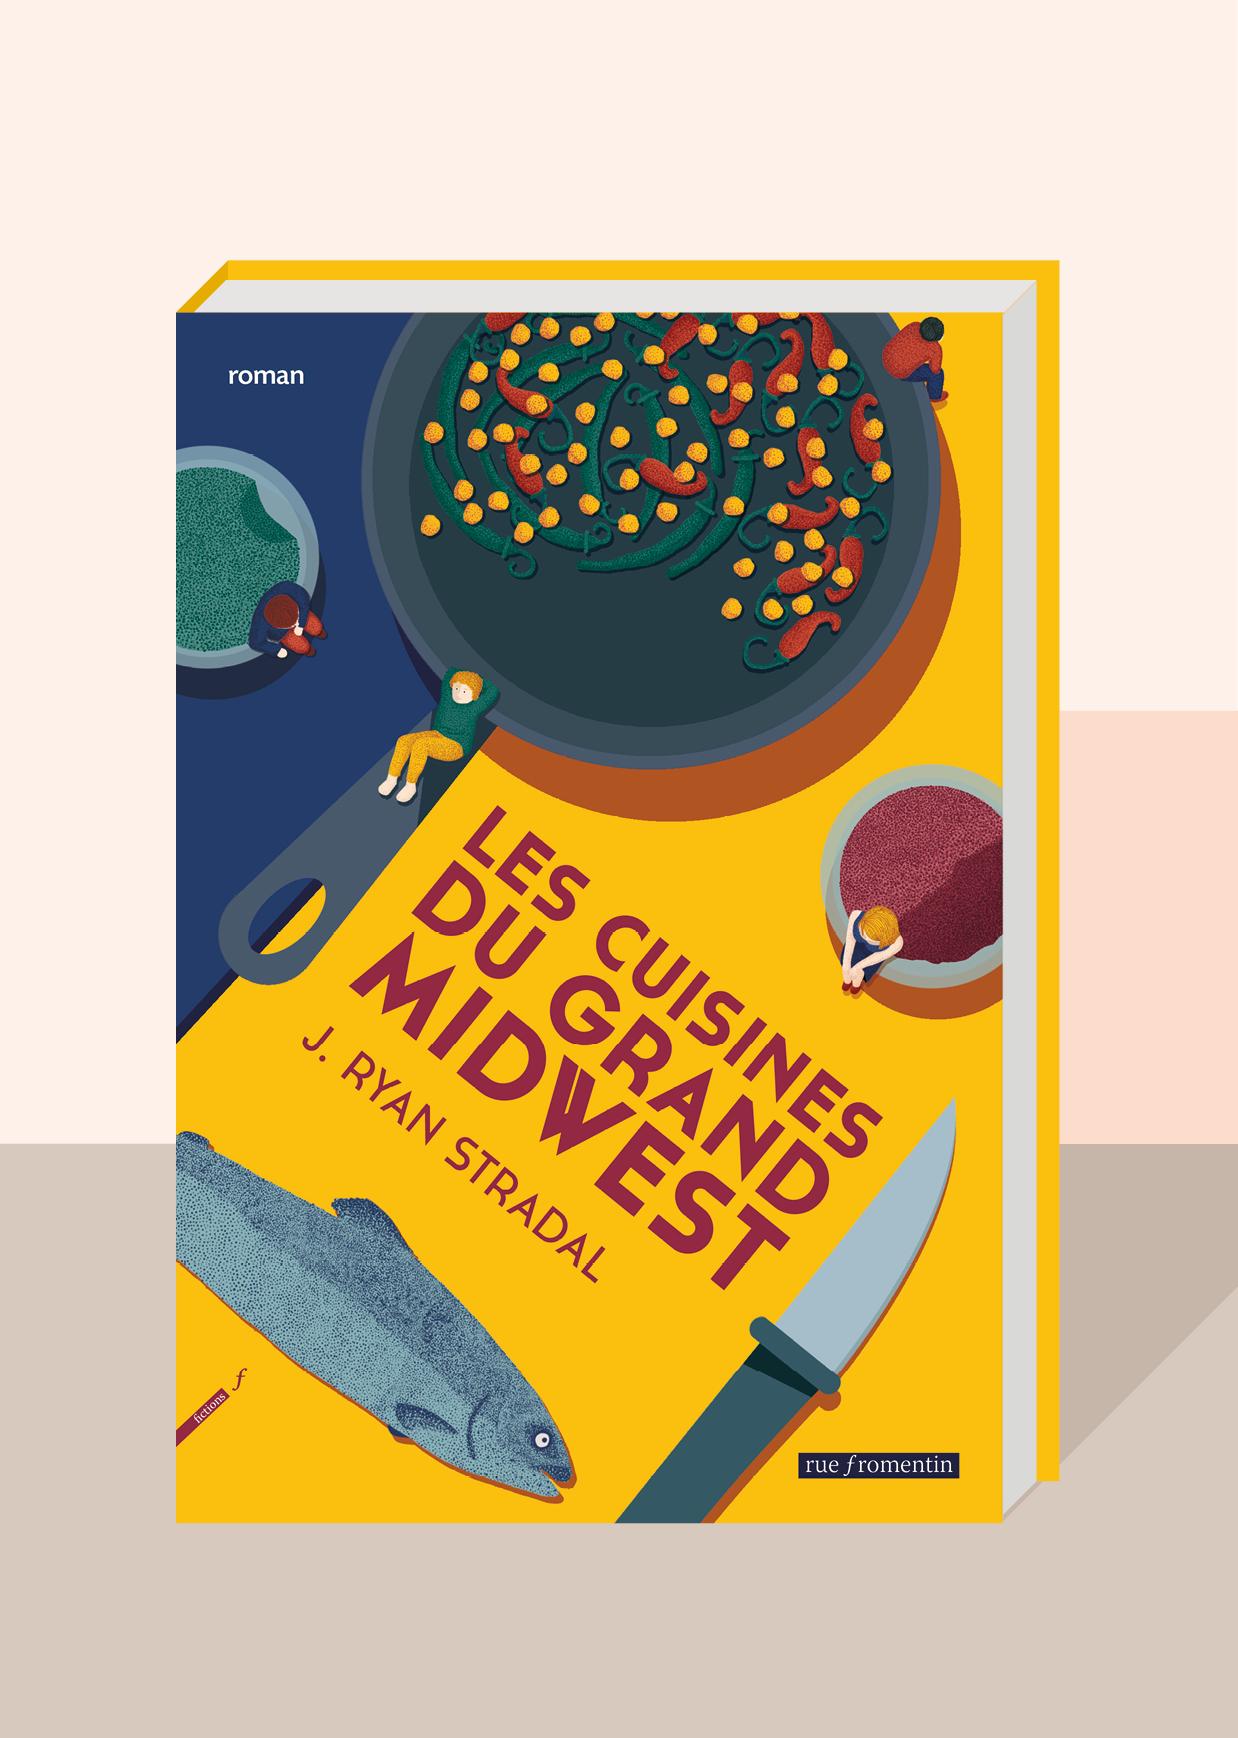 LES_CUISINES_DU_GRAND_MIDWEST_1